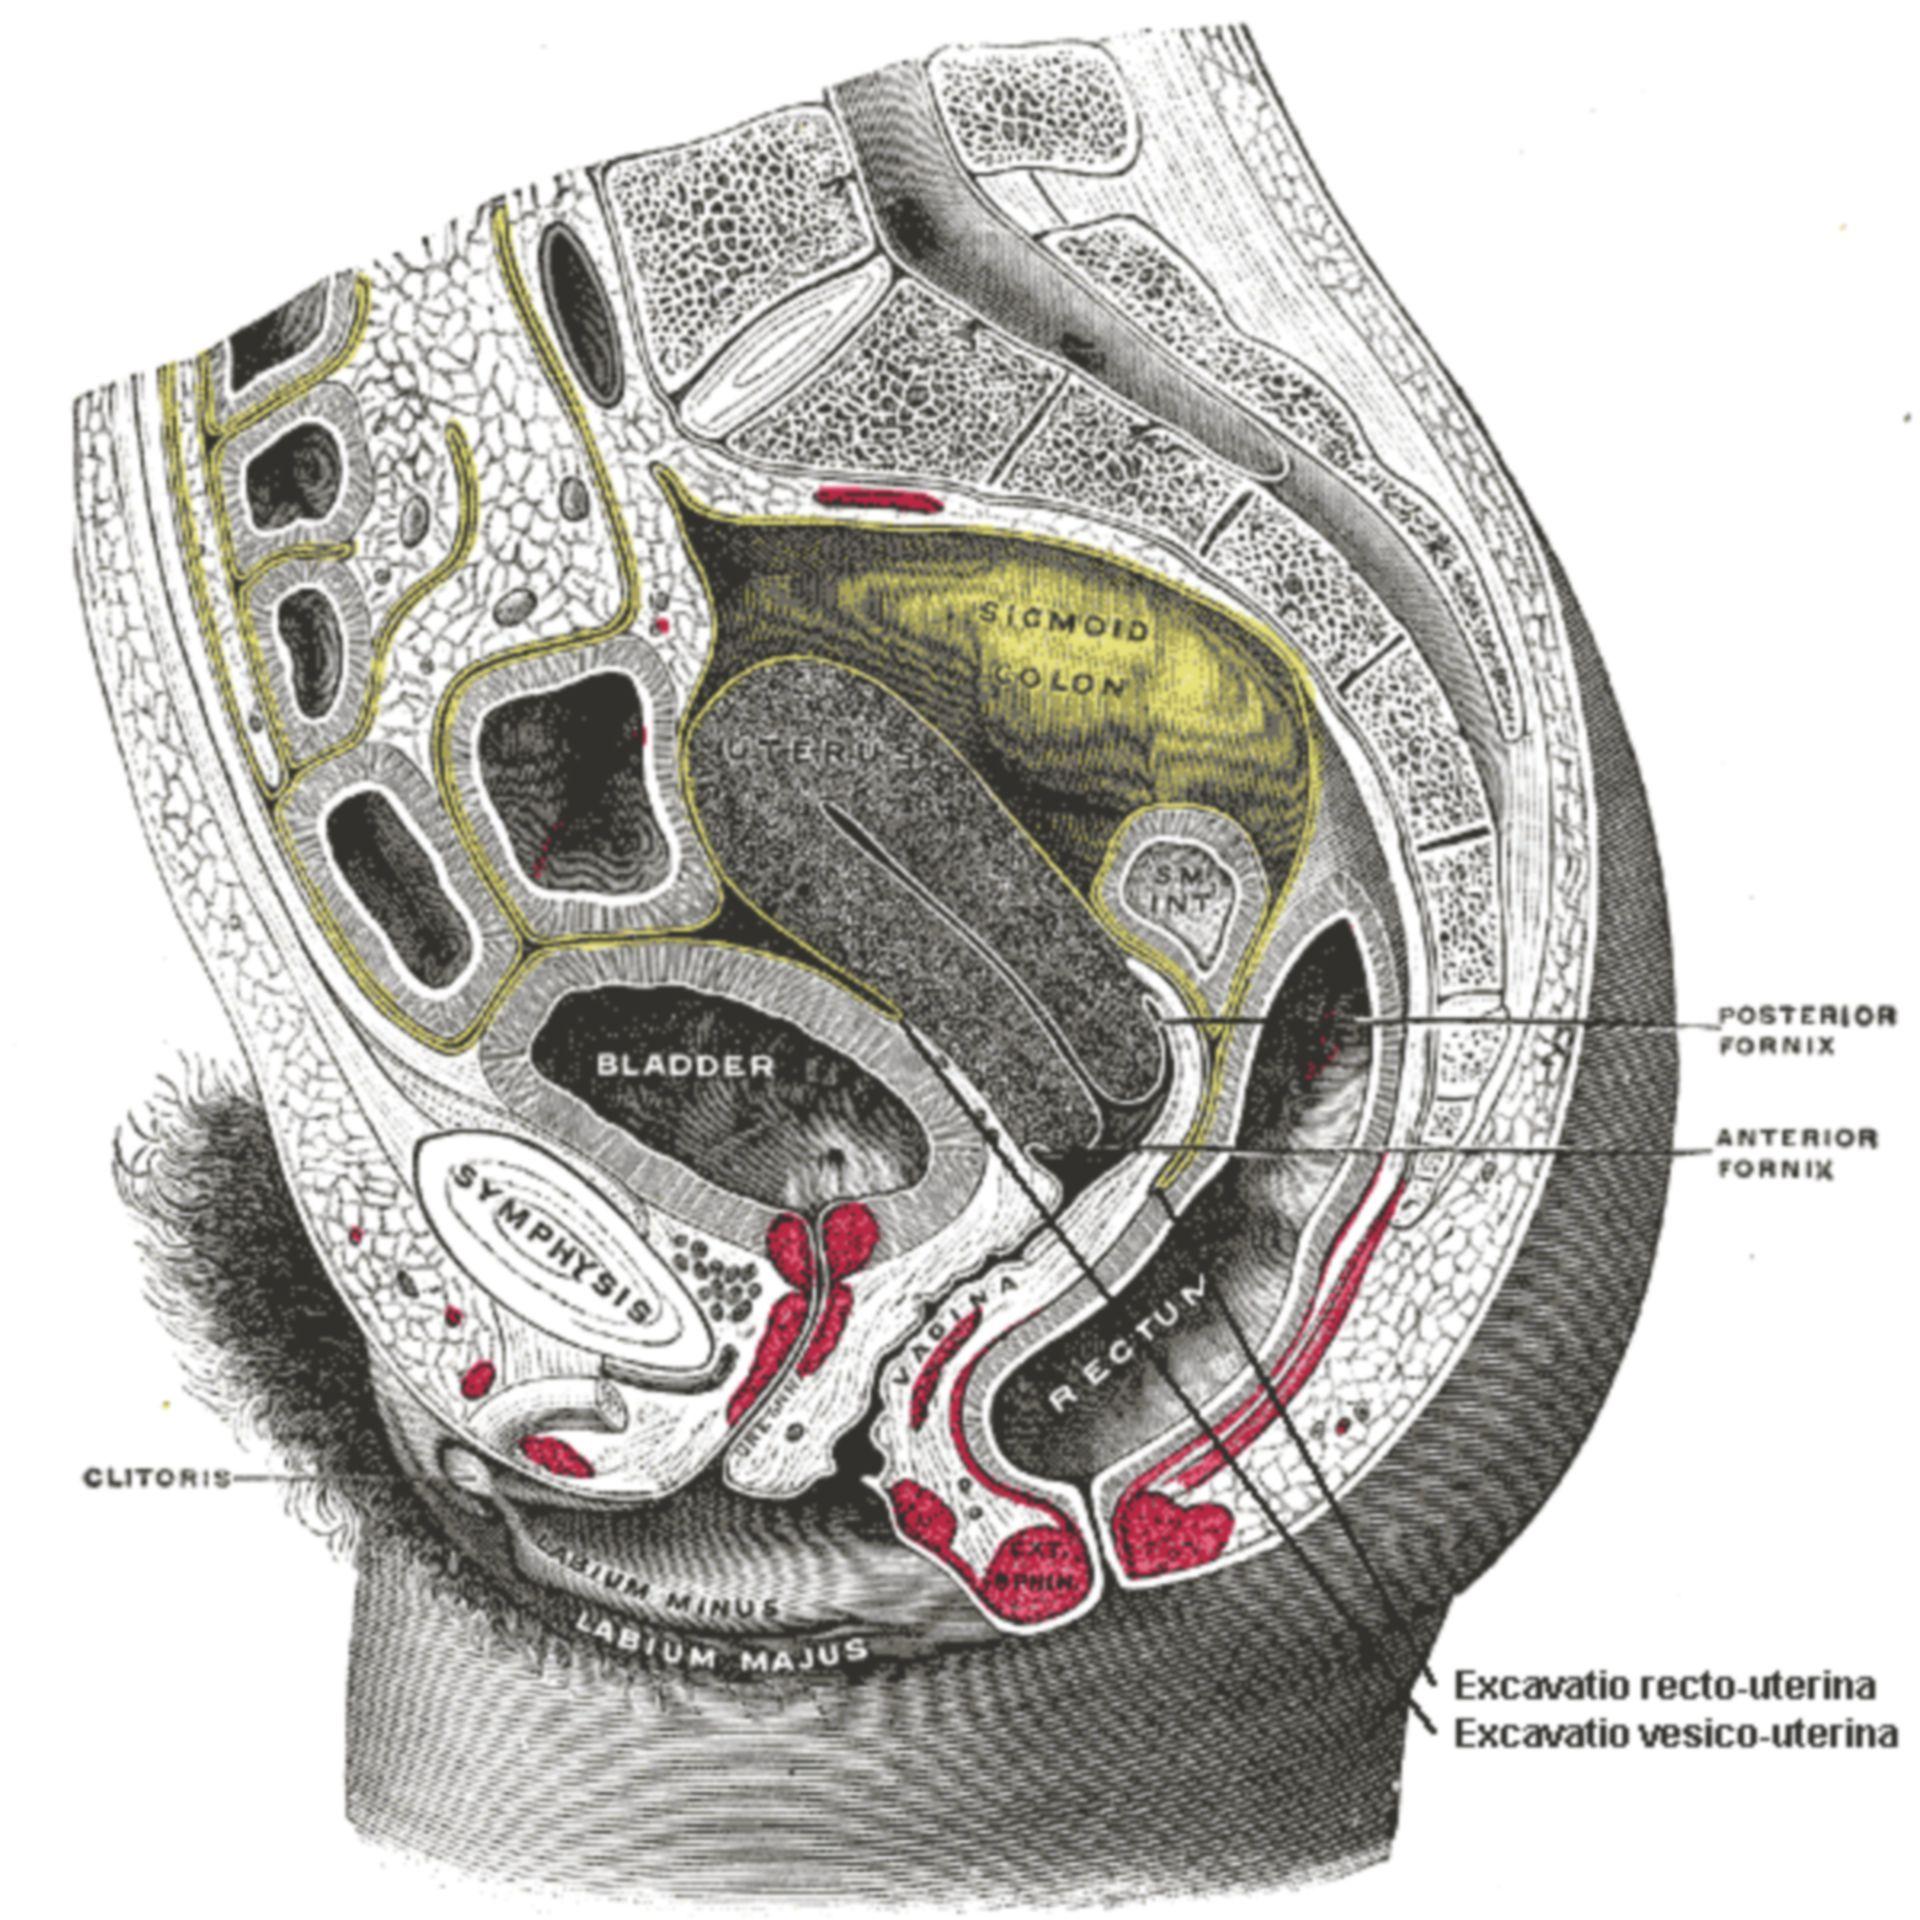 Anatomia della pelvi femminile (sezione mediana)